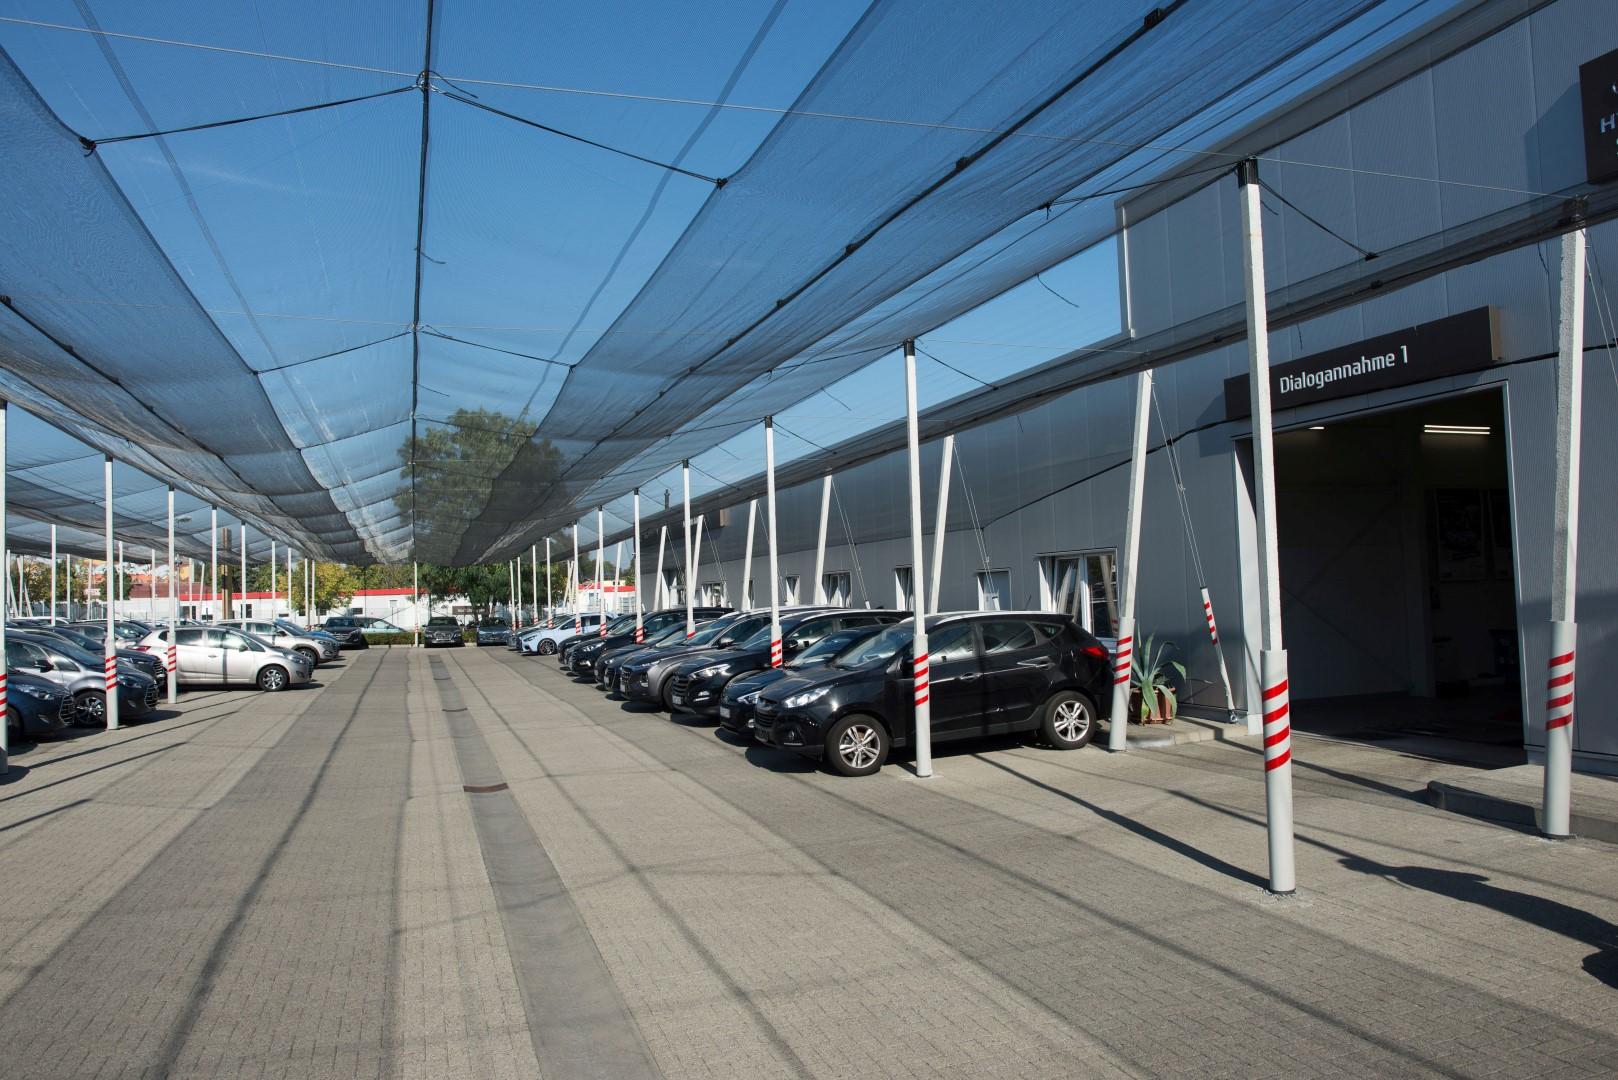 Hagelschutzanlage im Autohaus Körner